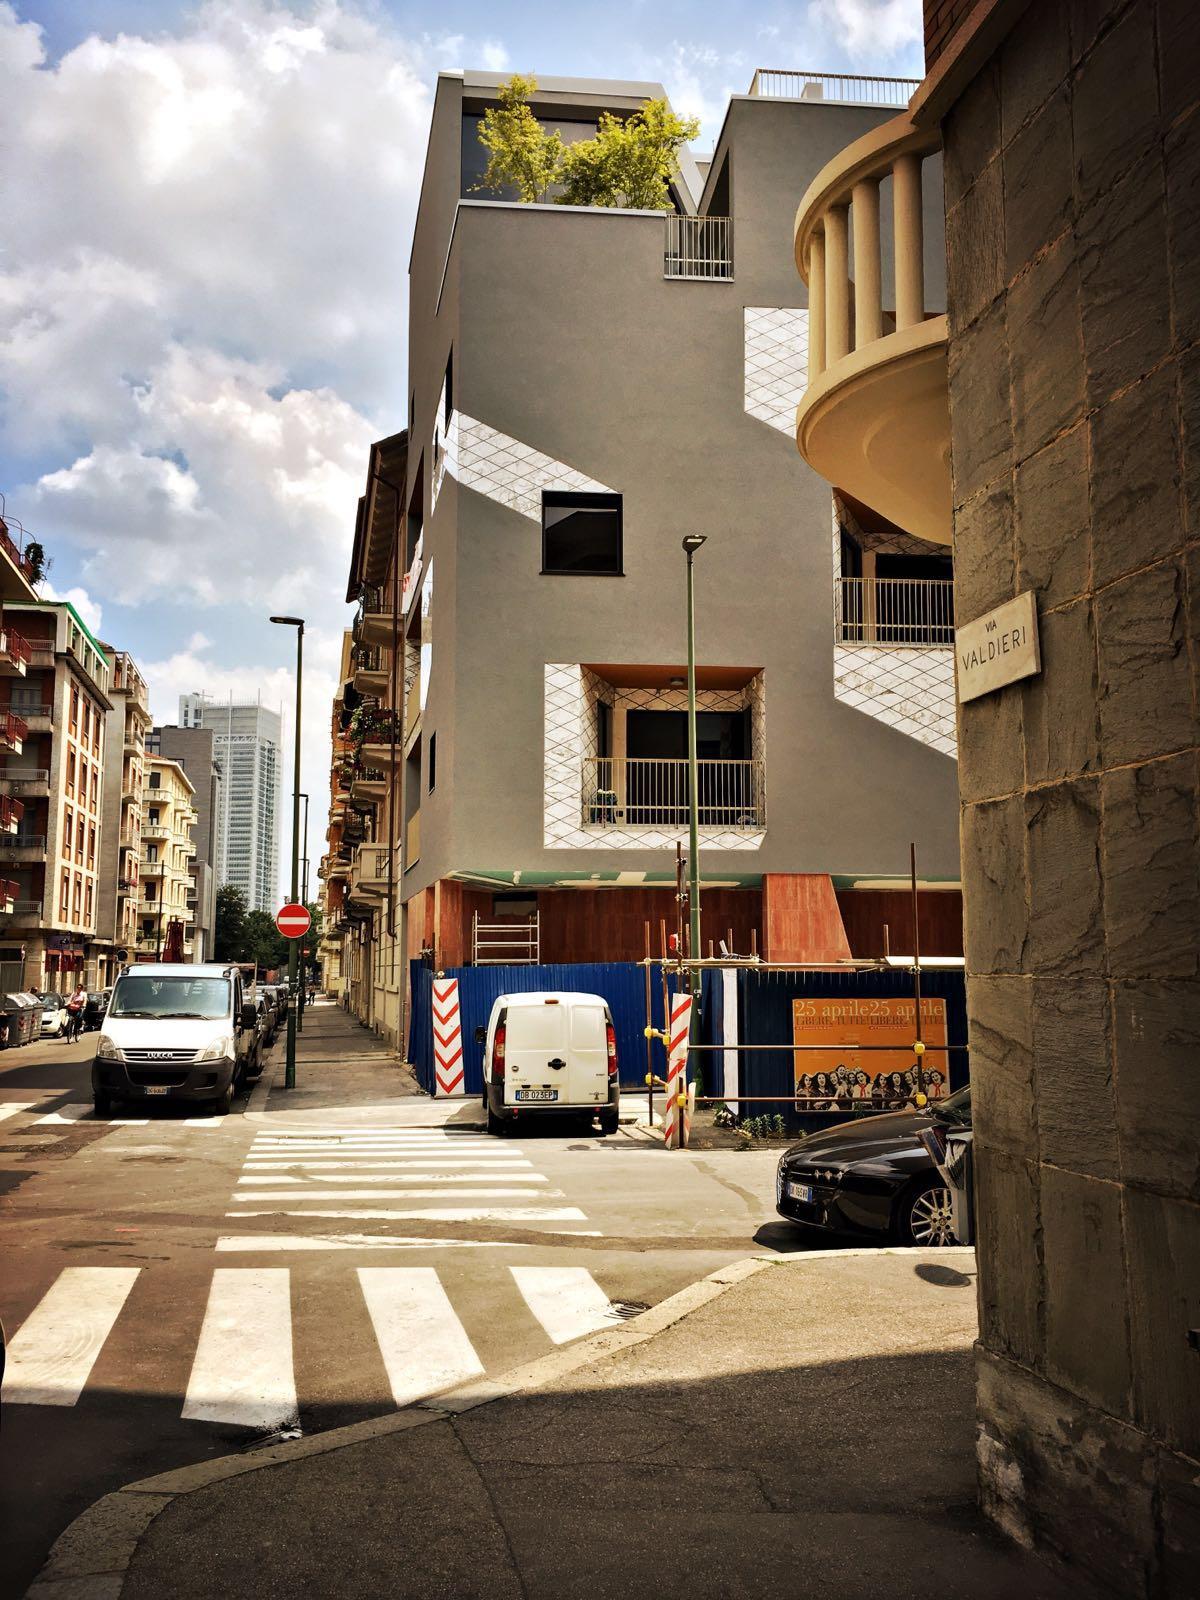 Casa valdieri edificio residenziale torino 1000mq for Casa design torino